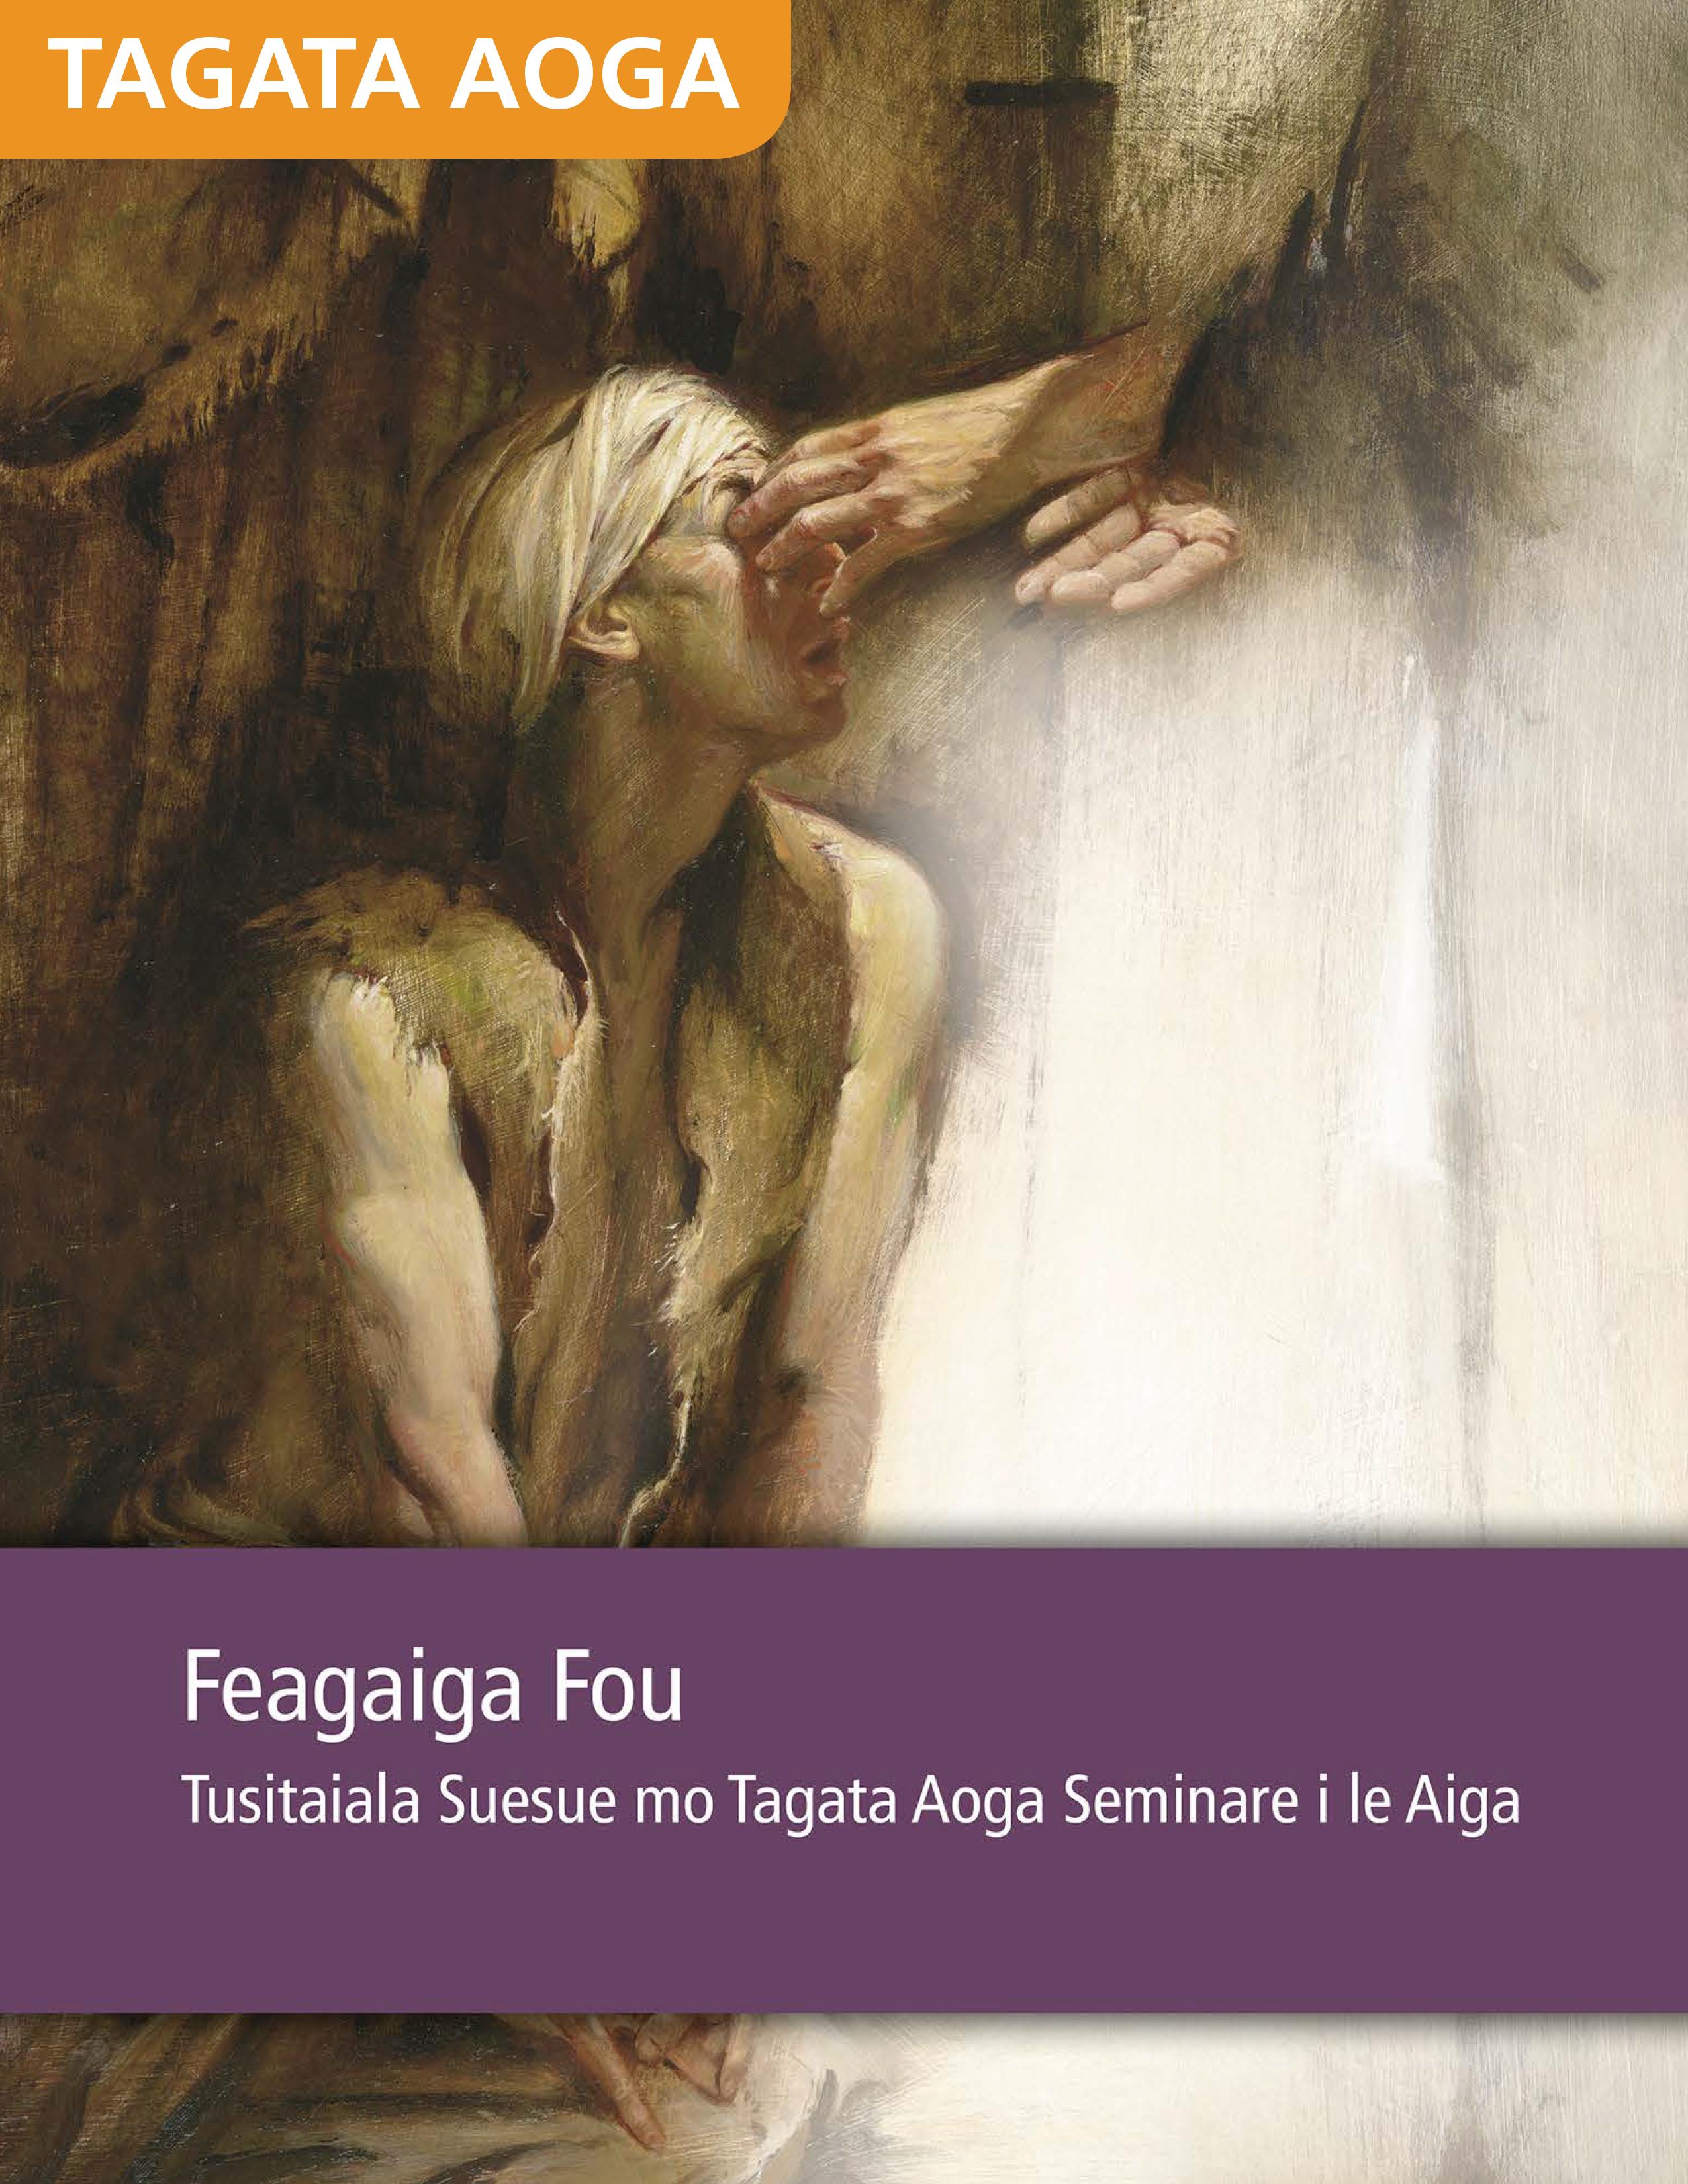 Tusitaiala Suesue o le Feagaiga Fou mo Tamaiti Aoga Seminare i le Aiga